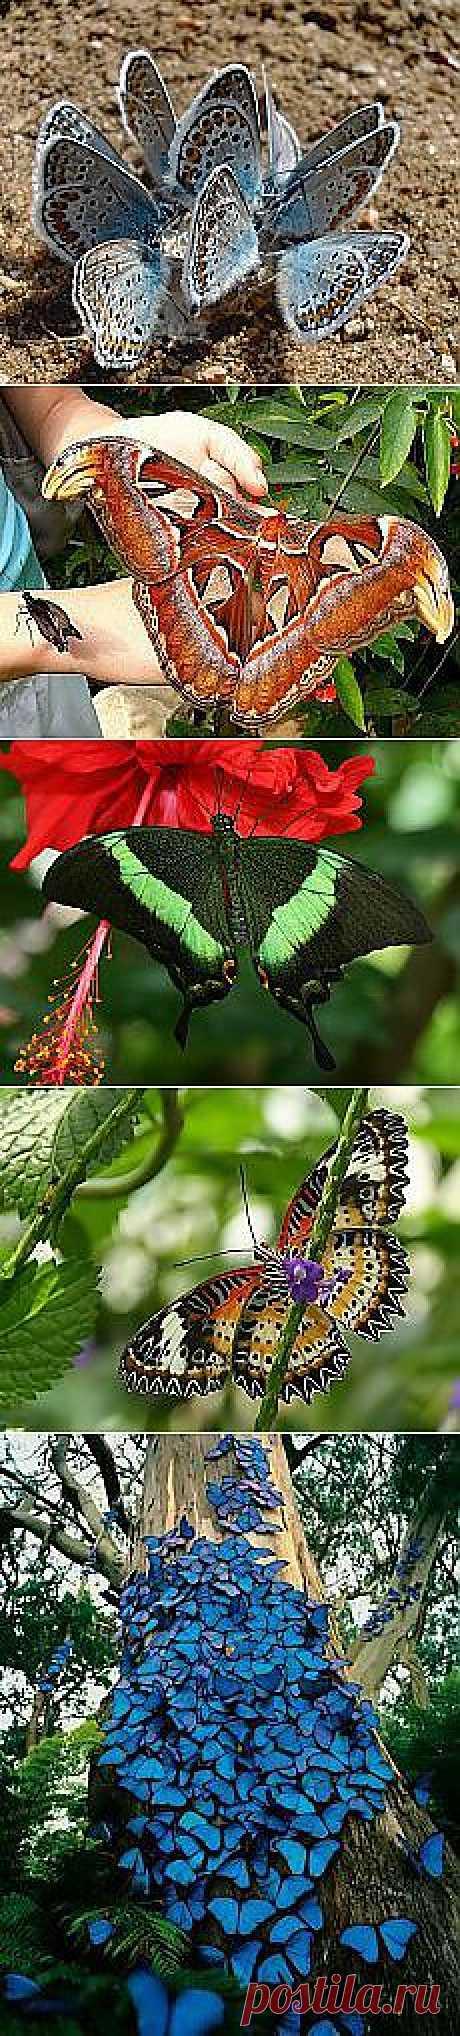 Валентина Стребуль: Бабочки | Постила.ru